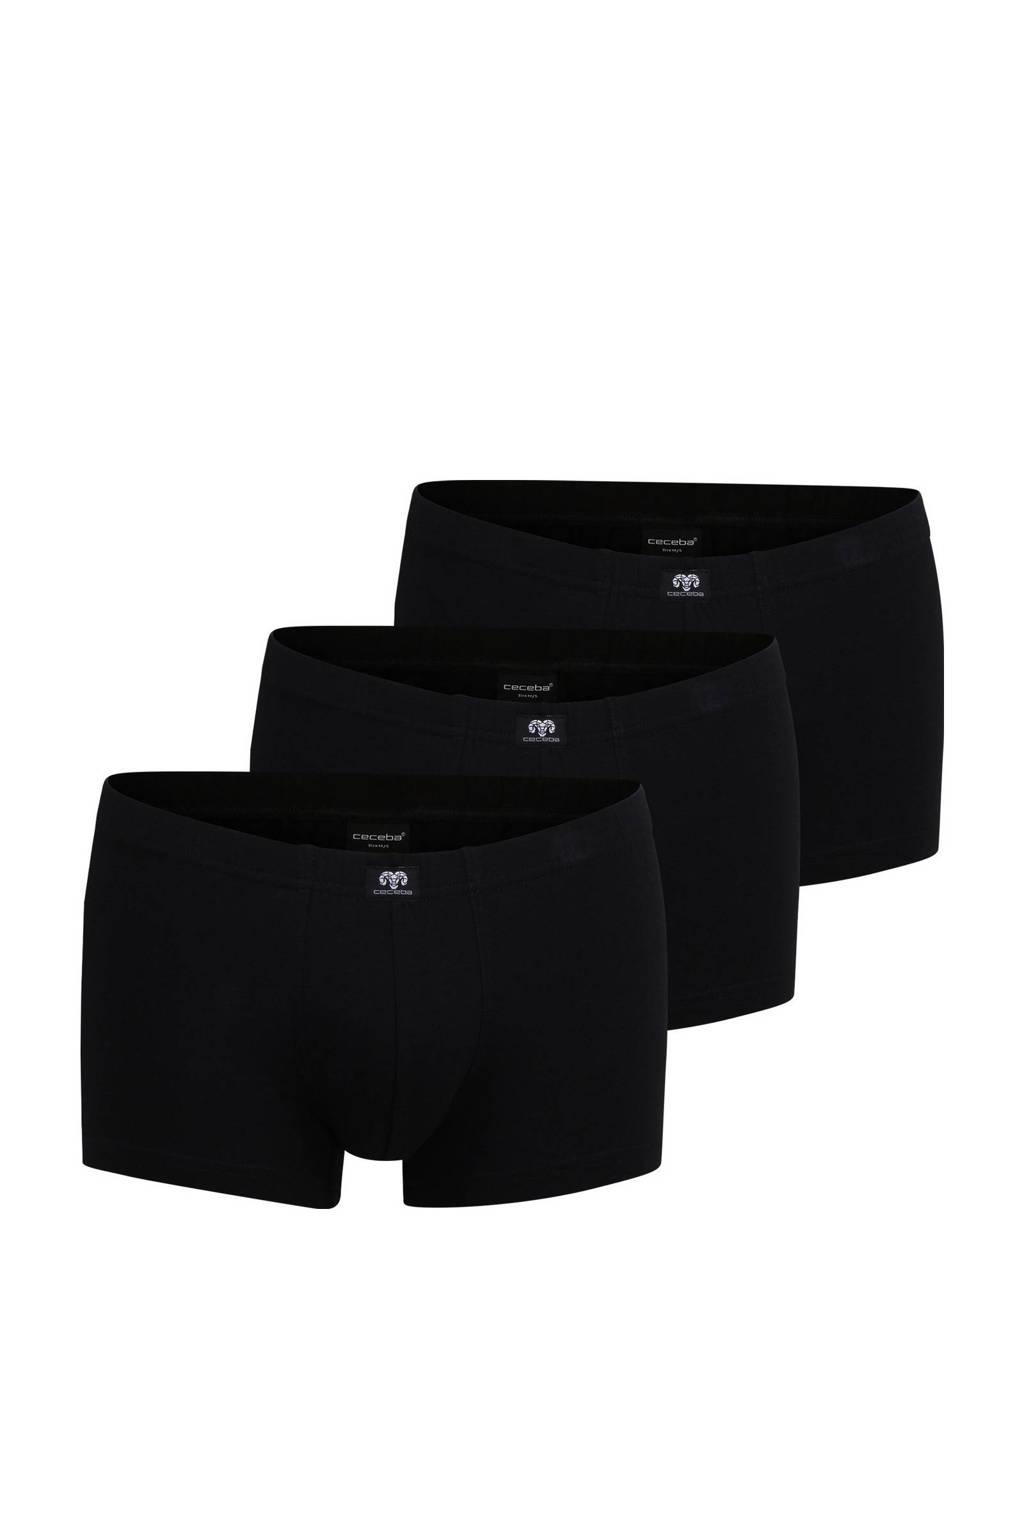 Ceceba boxershort (set van 3), Zwart